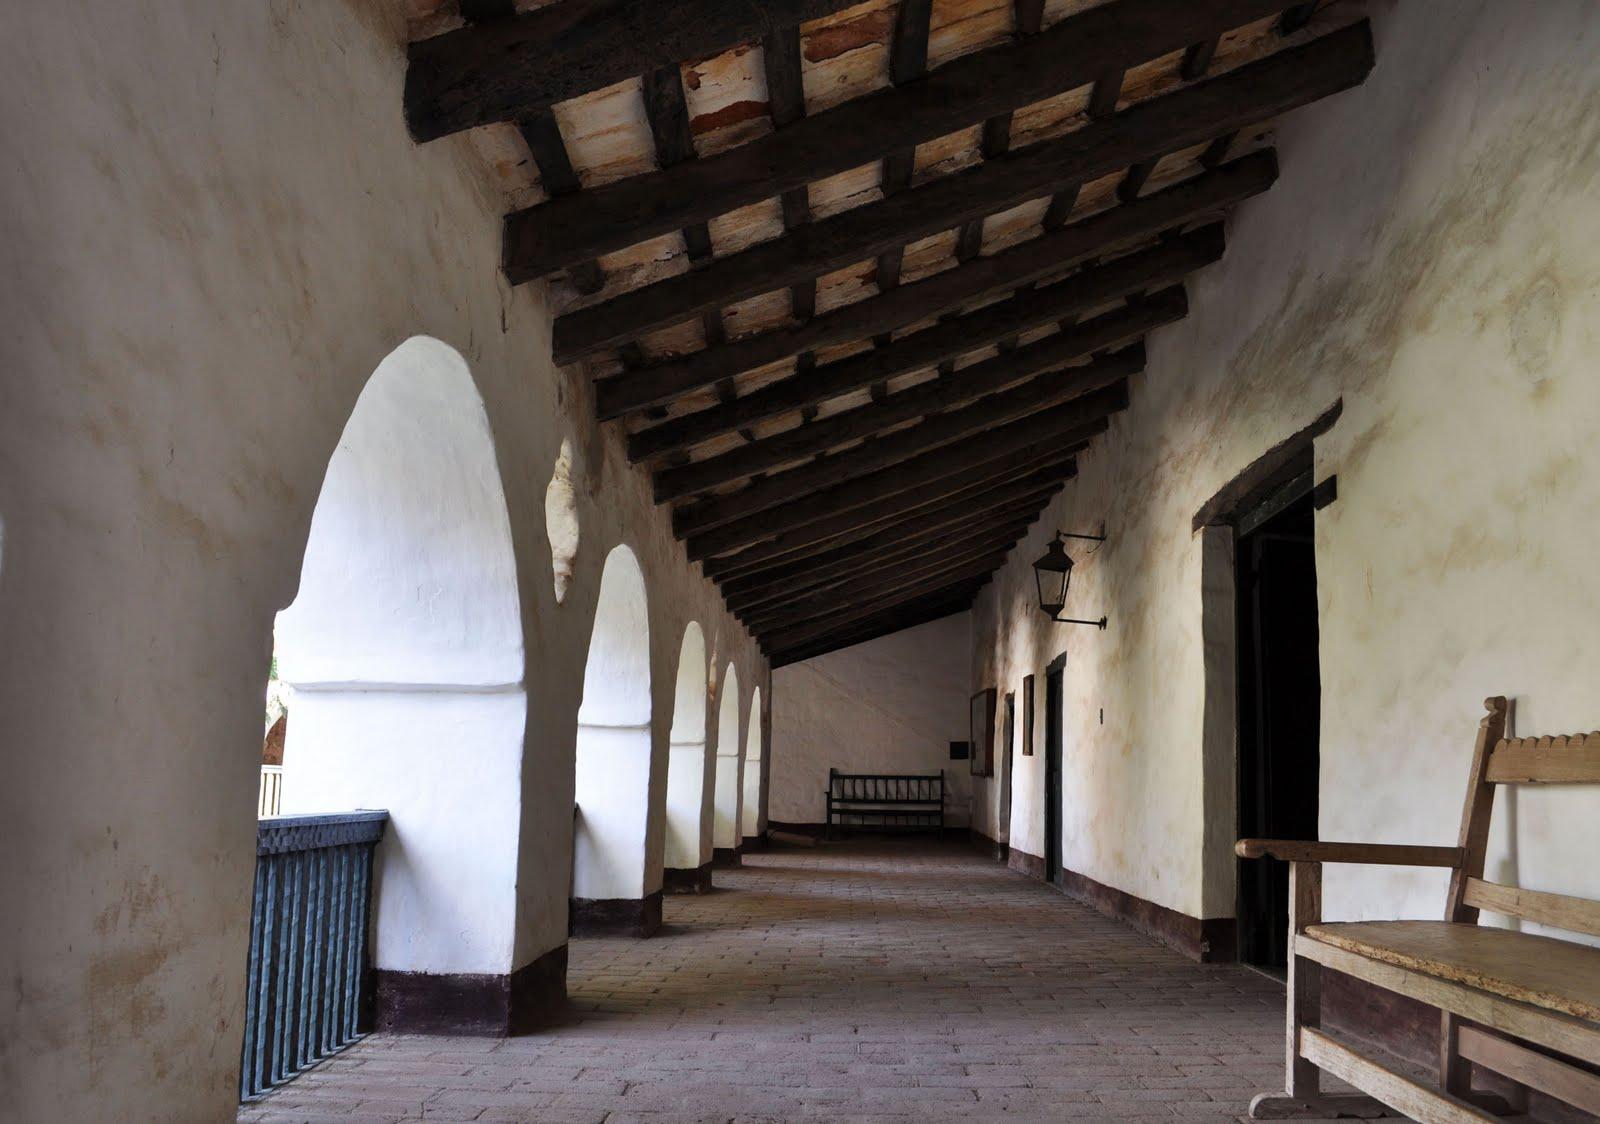 Arquitectura Civil Religiosa Tunja Guarda Un Invaluable Tesoro  # Muebles Hojillados